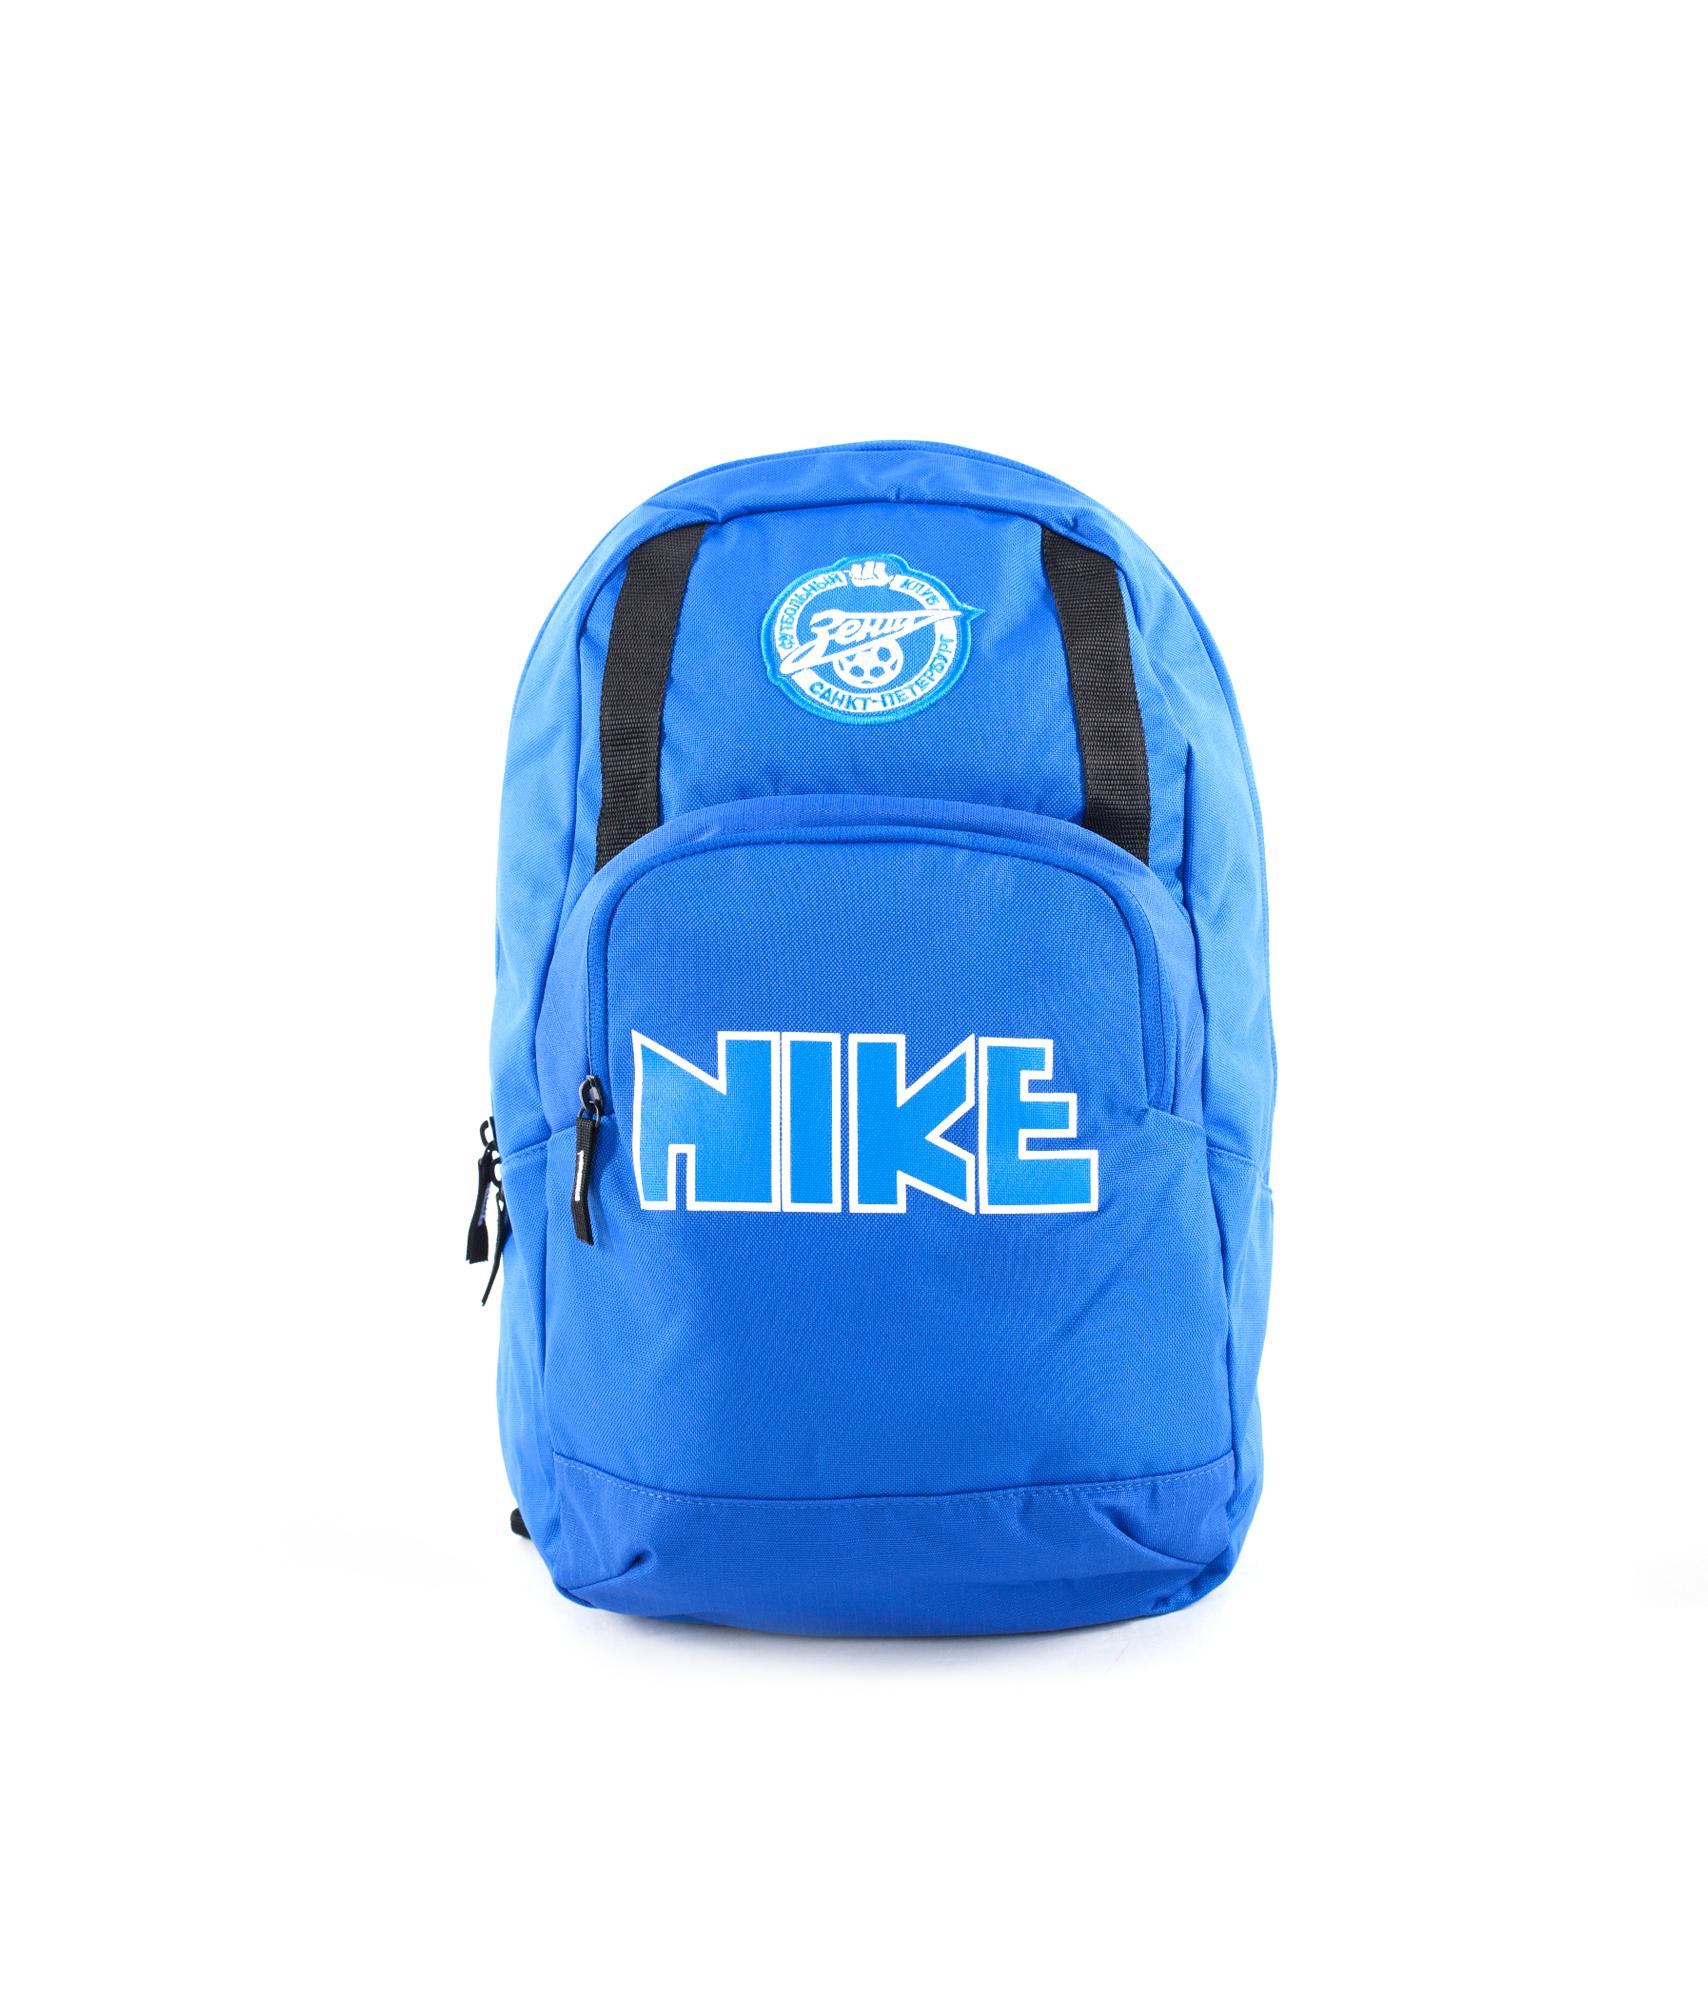 Рюкзак Nike CLASSIC SAND BP, Цвет-Синий, Размер-MISC